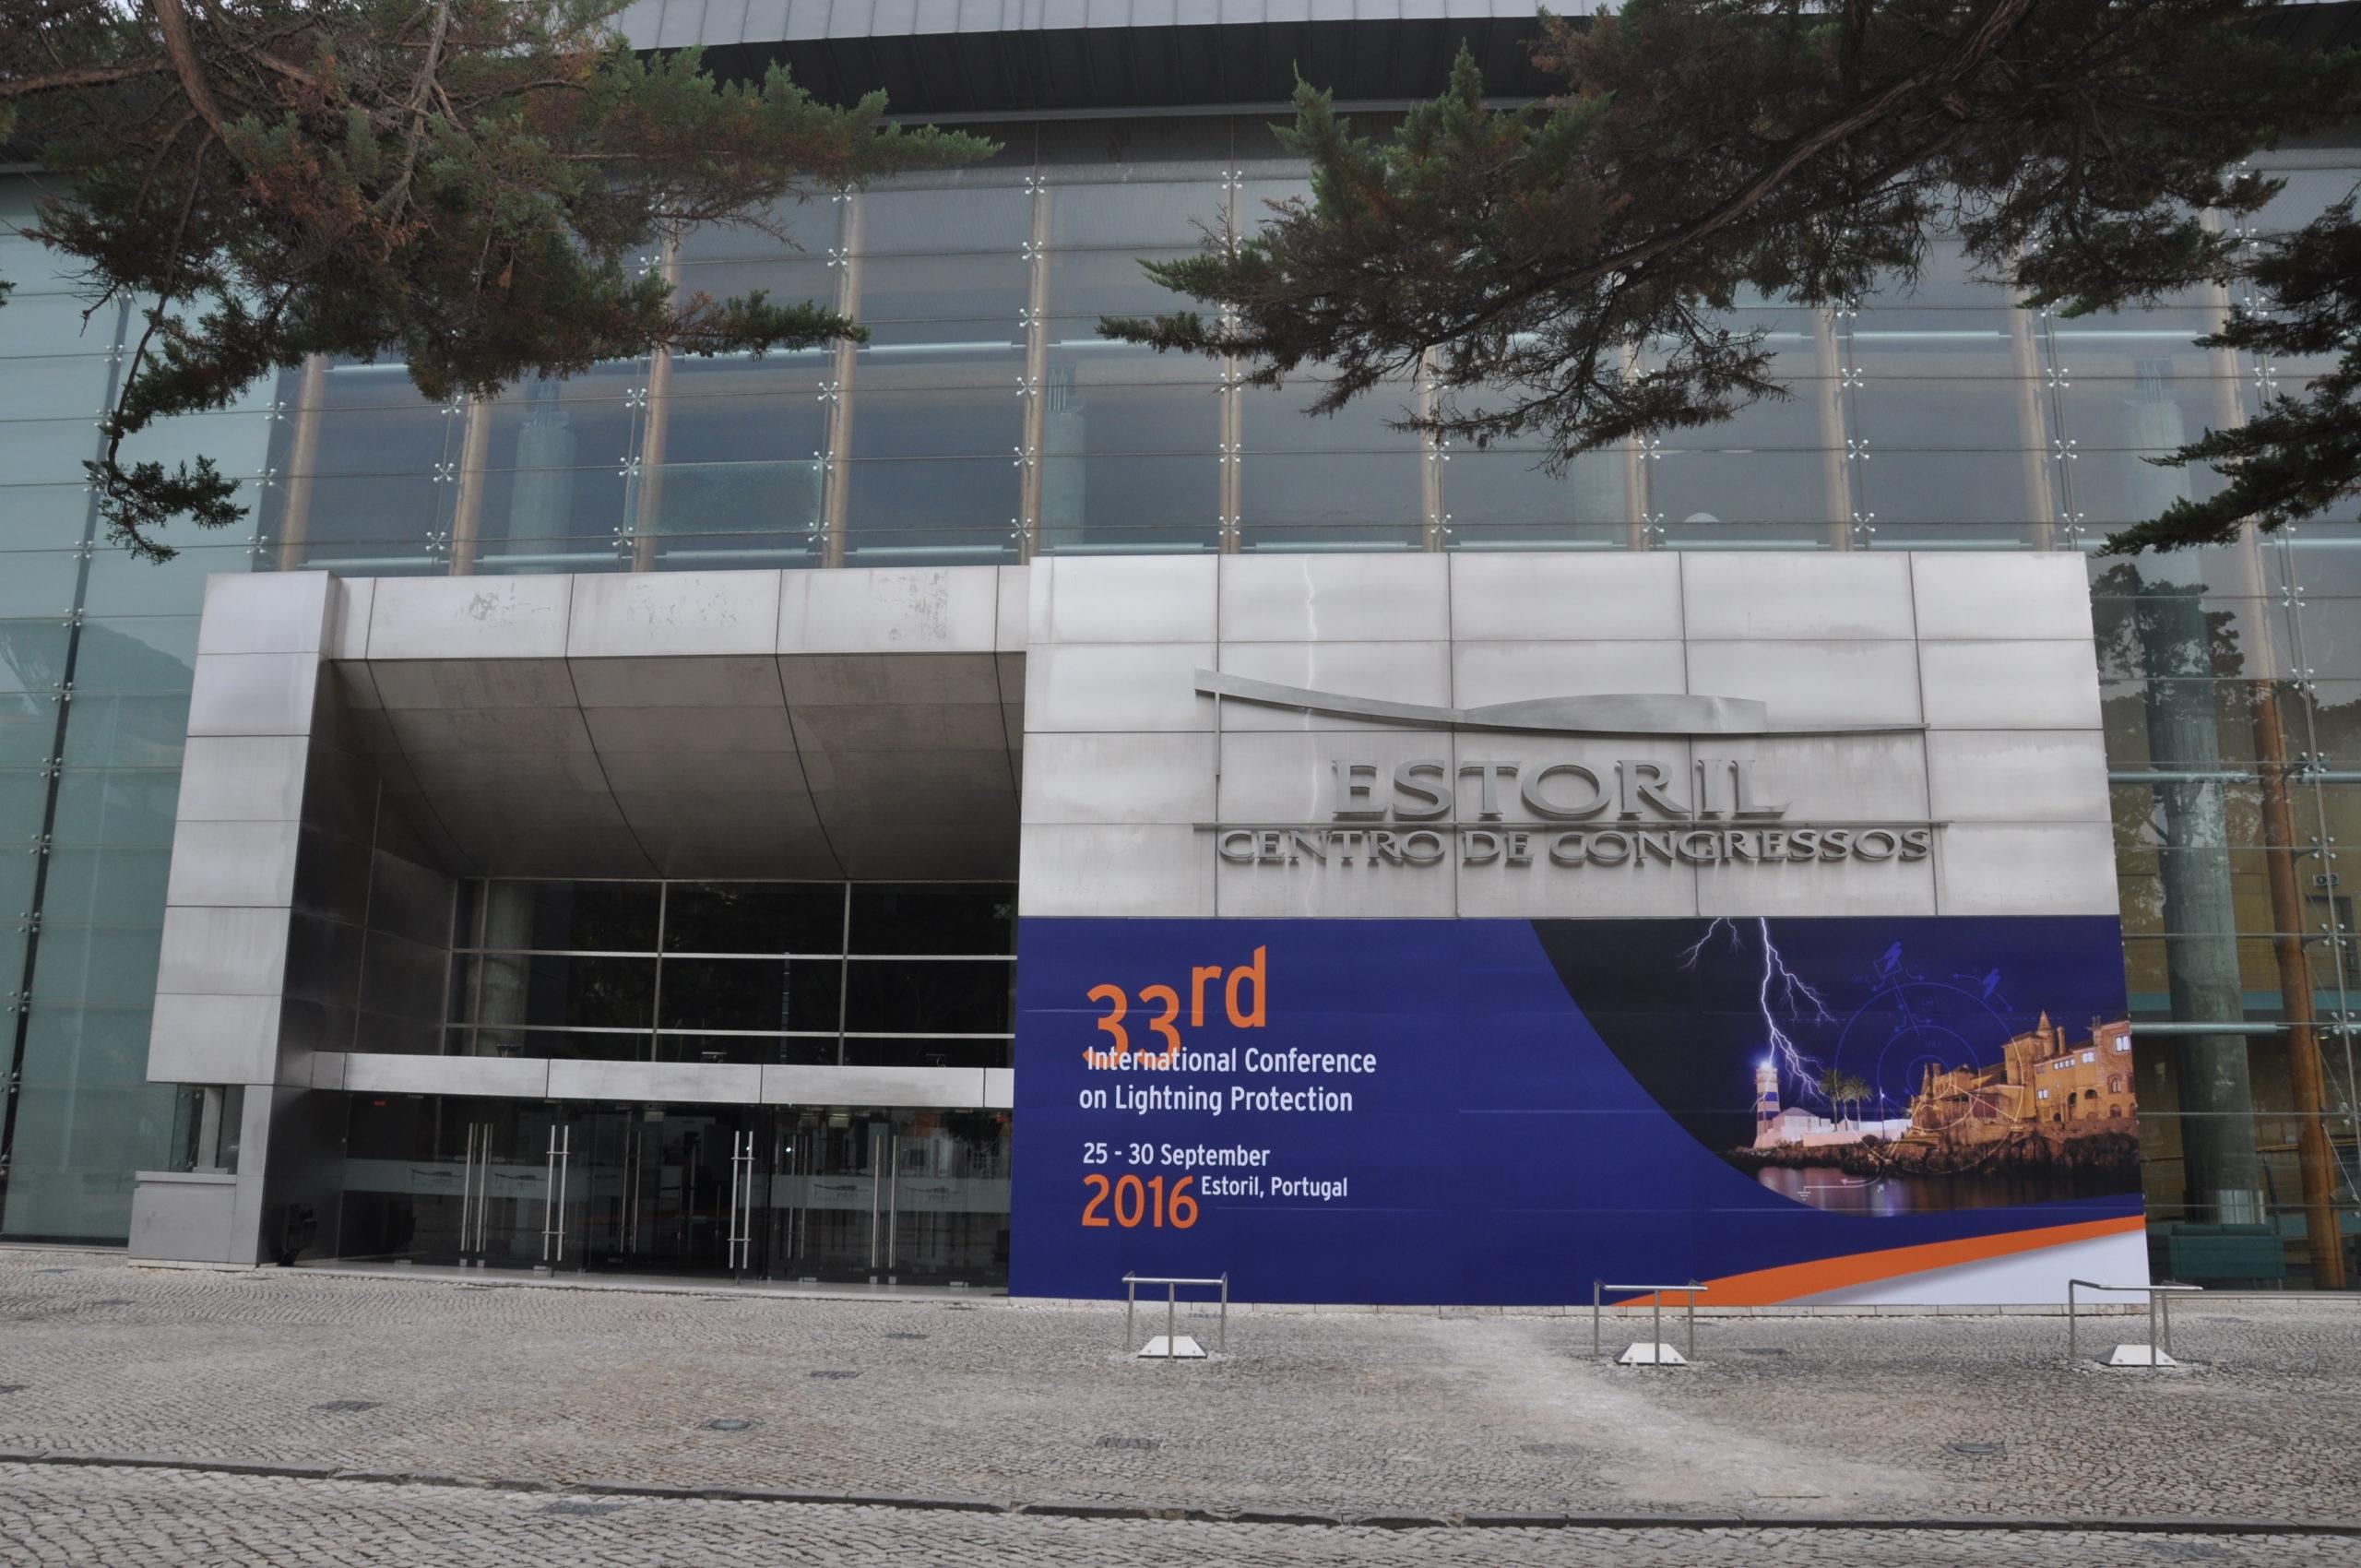 Aplicaciones Tecnológicas patrocinó la 33ª Conferencia Internacional de Protección contra el Rayo (ICLP)